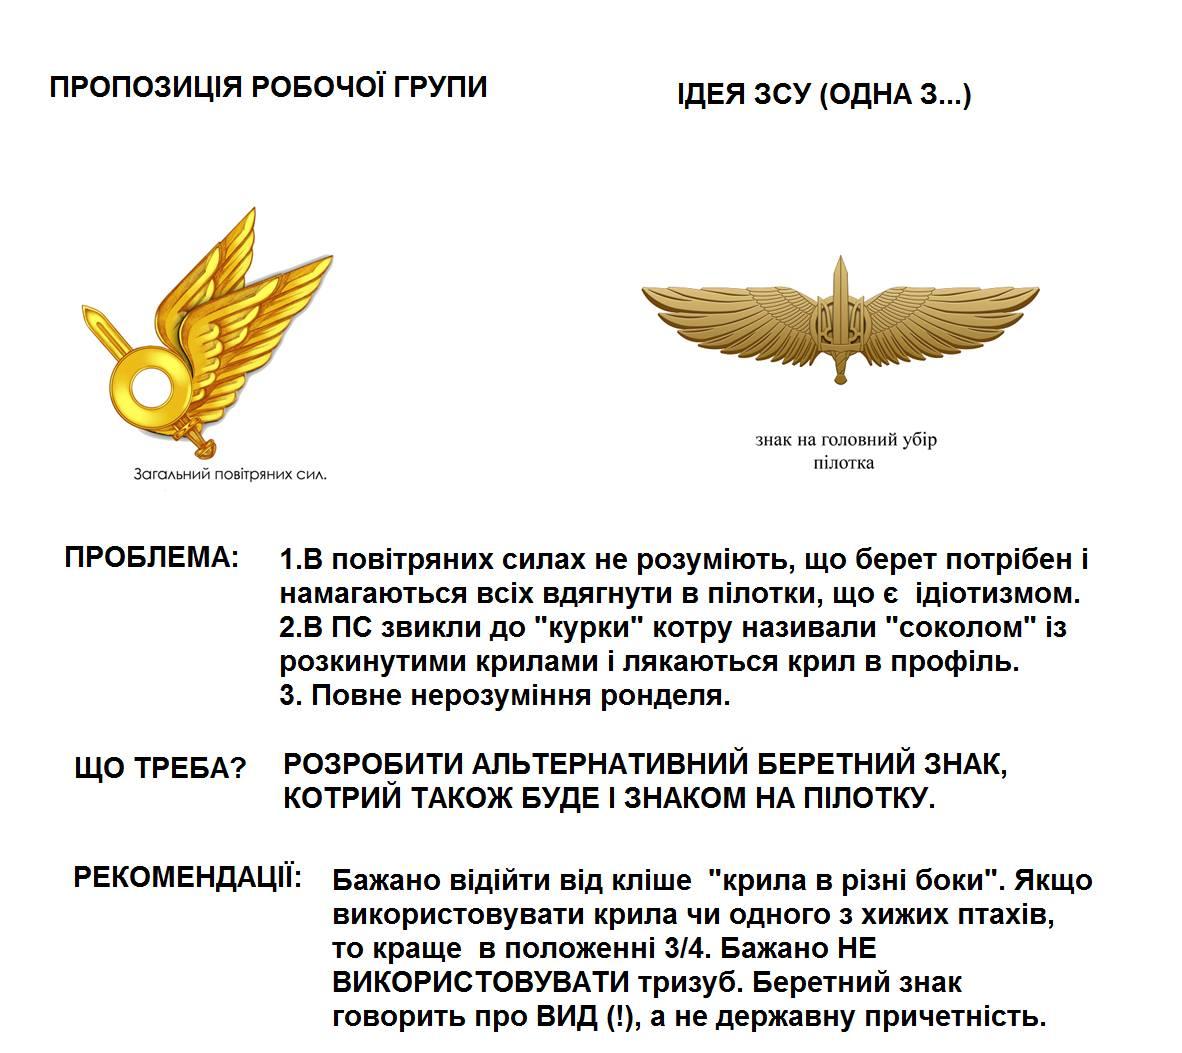 Ukrainian Military Pages Робоча група запрошує до обговорення проекту військової символіки та розроблення змін до нього